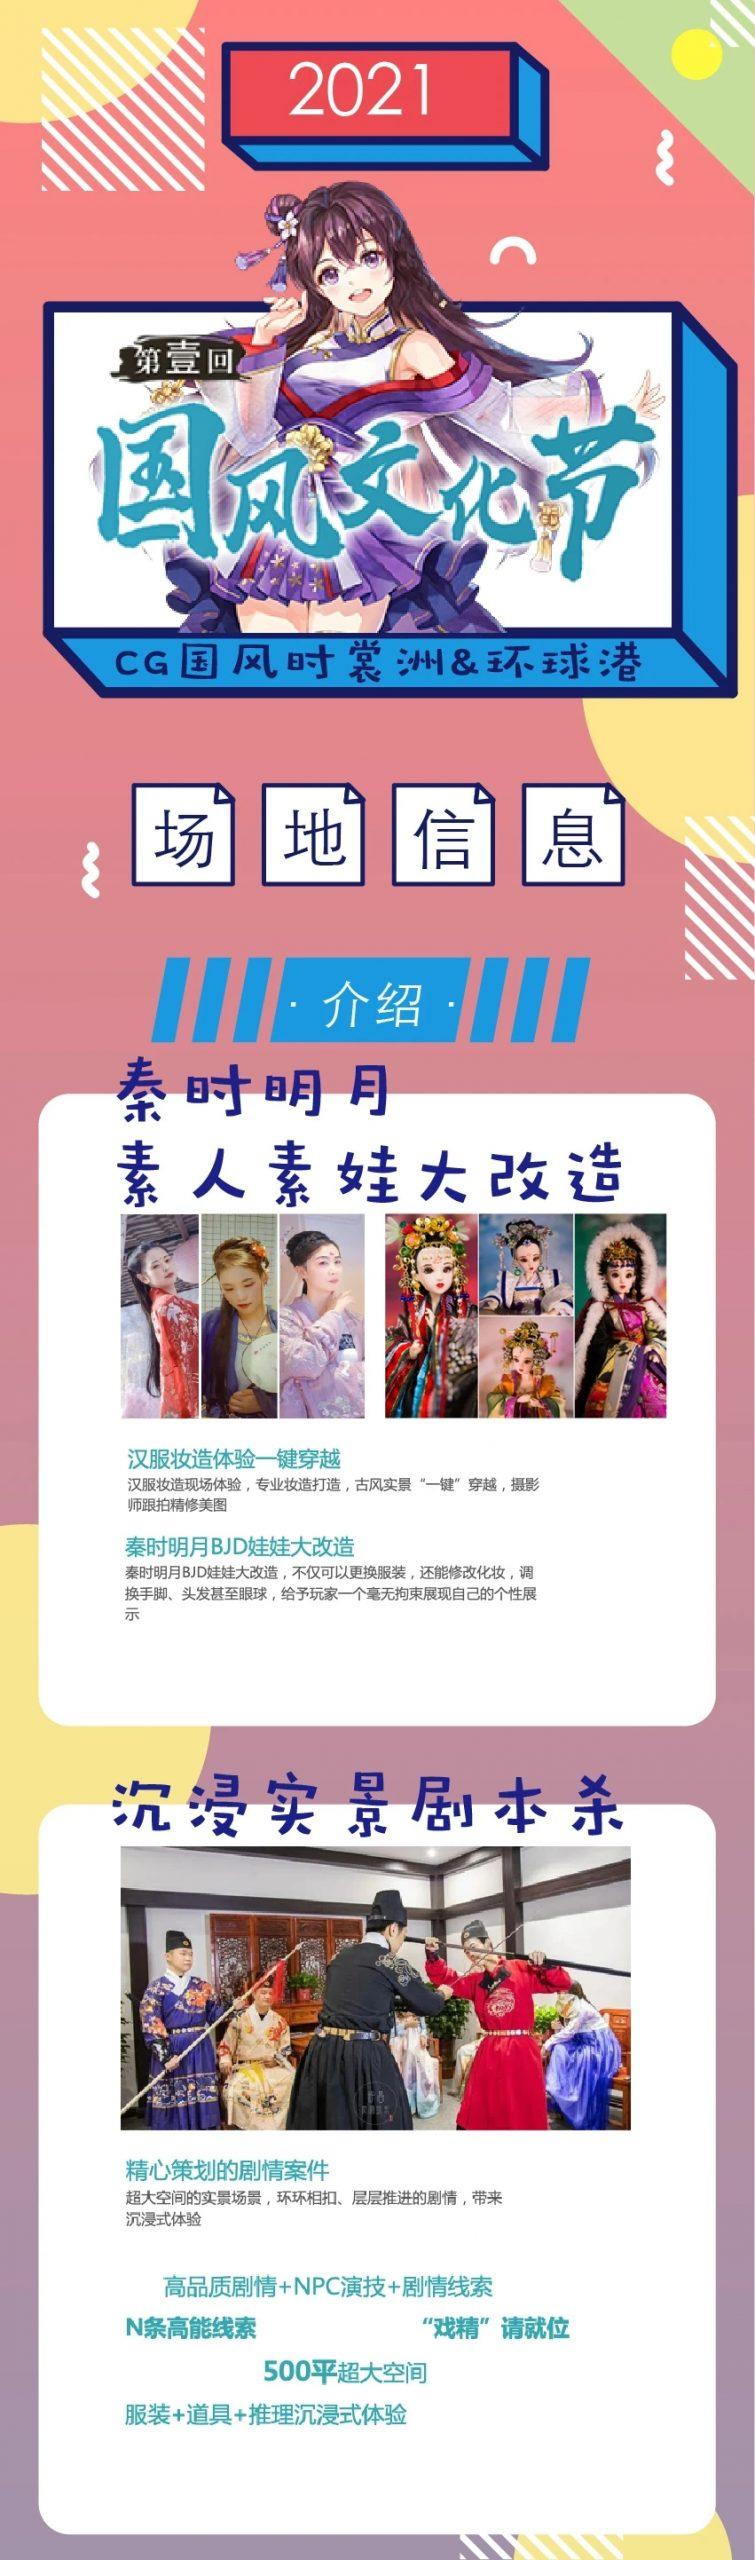 上海汉服文化节,上海汉服活动2021